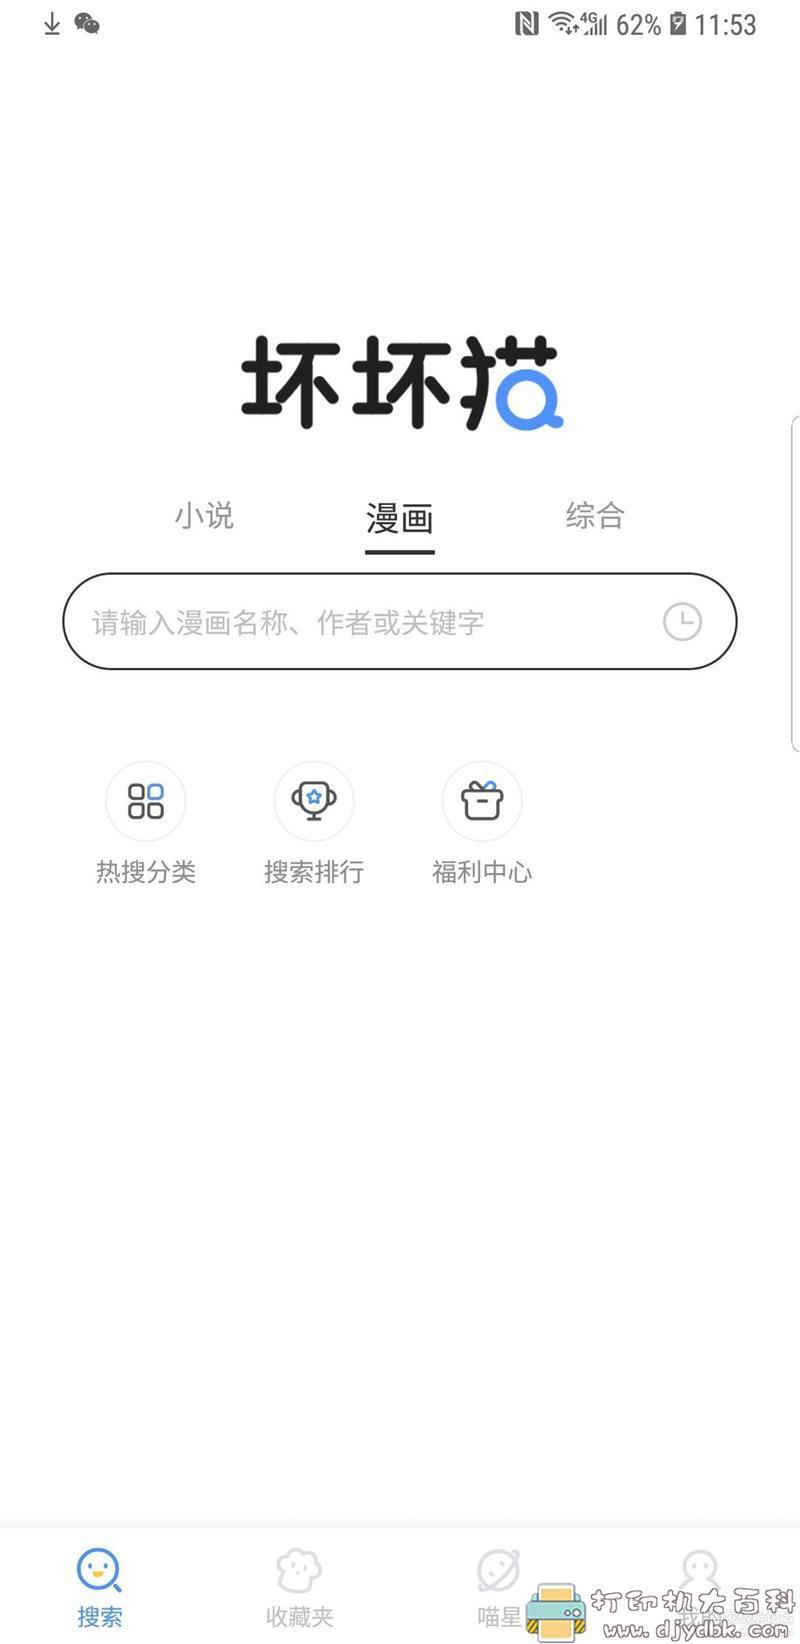 [Android]免费小说漫画检索工具 坏坏猫 v1.4(无广告+已过火绒)图片 No.1